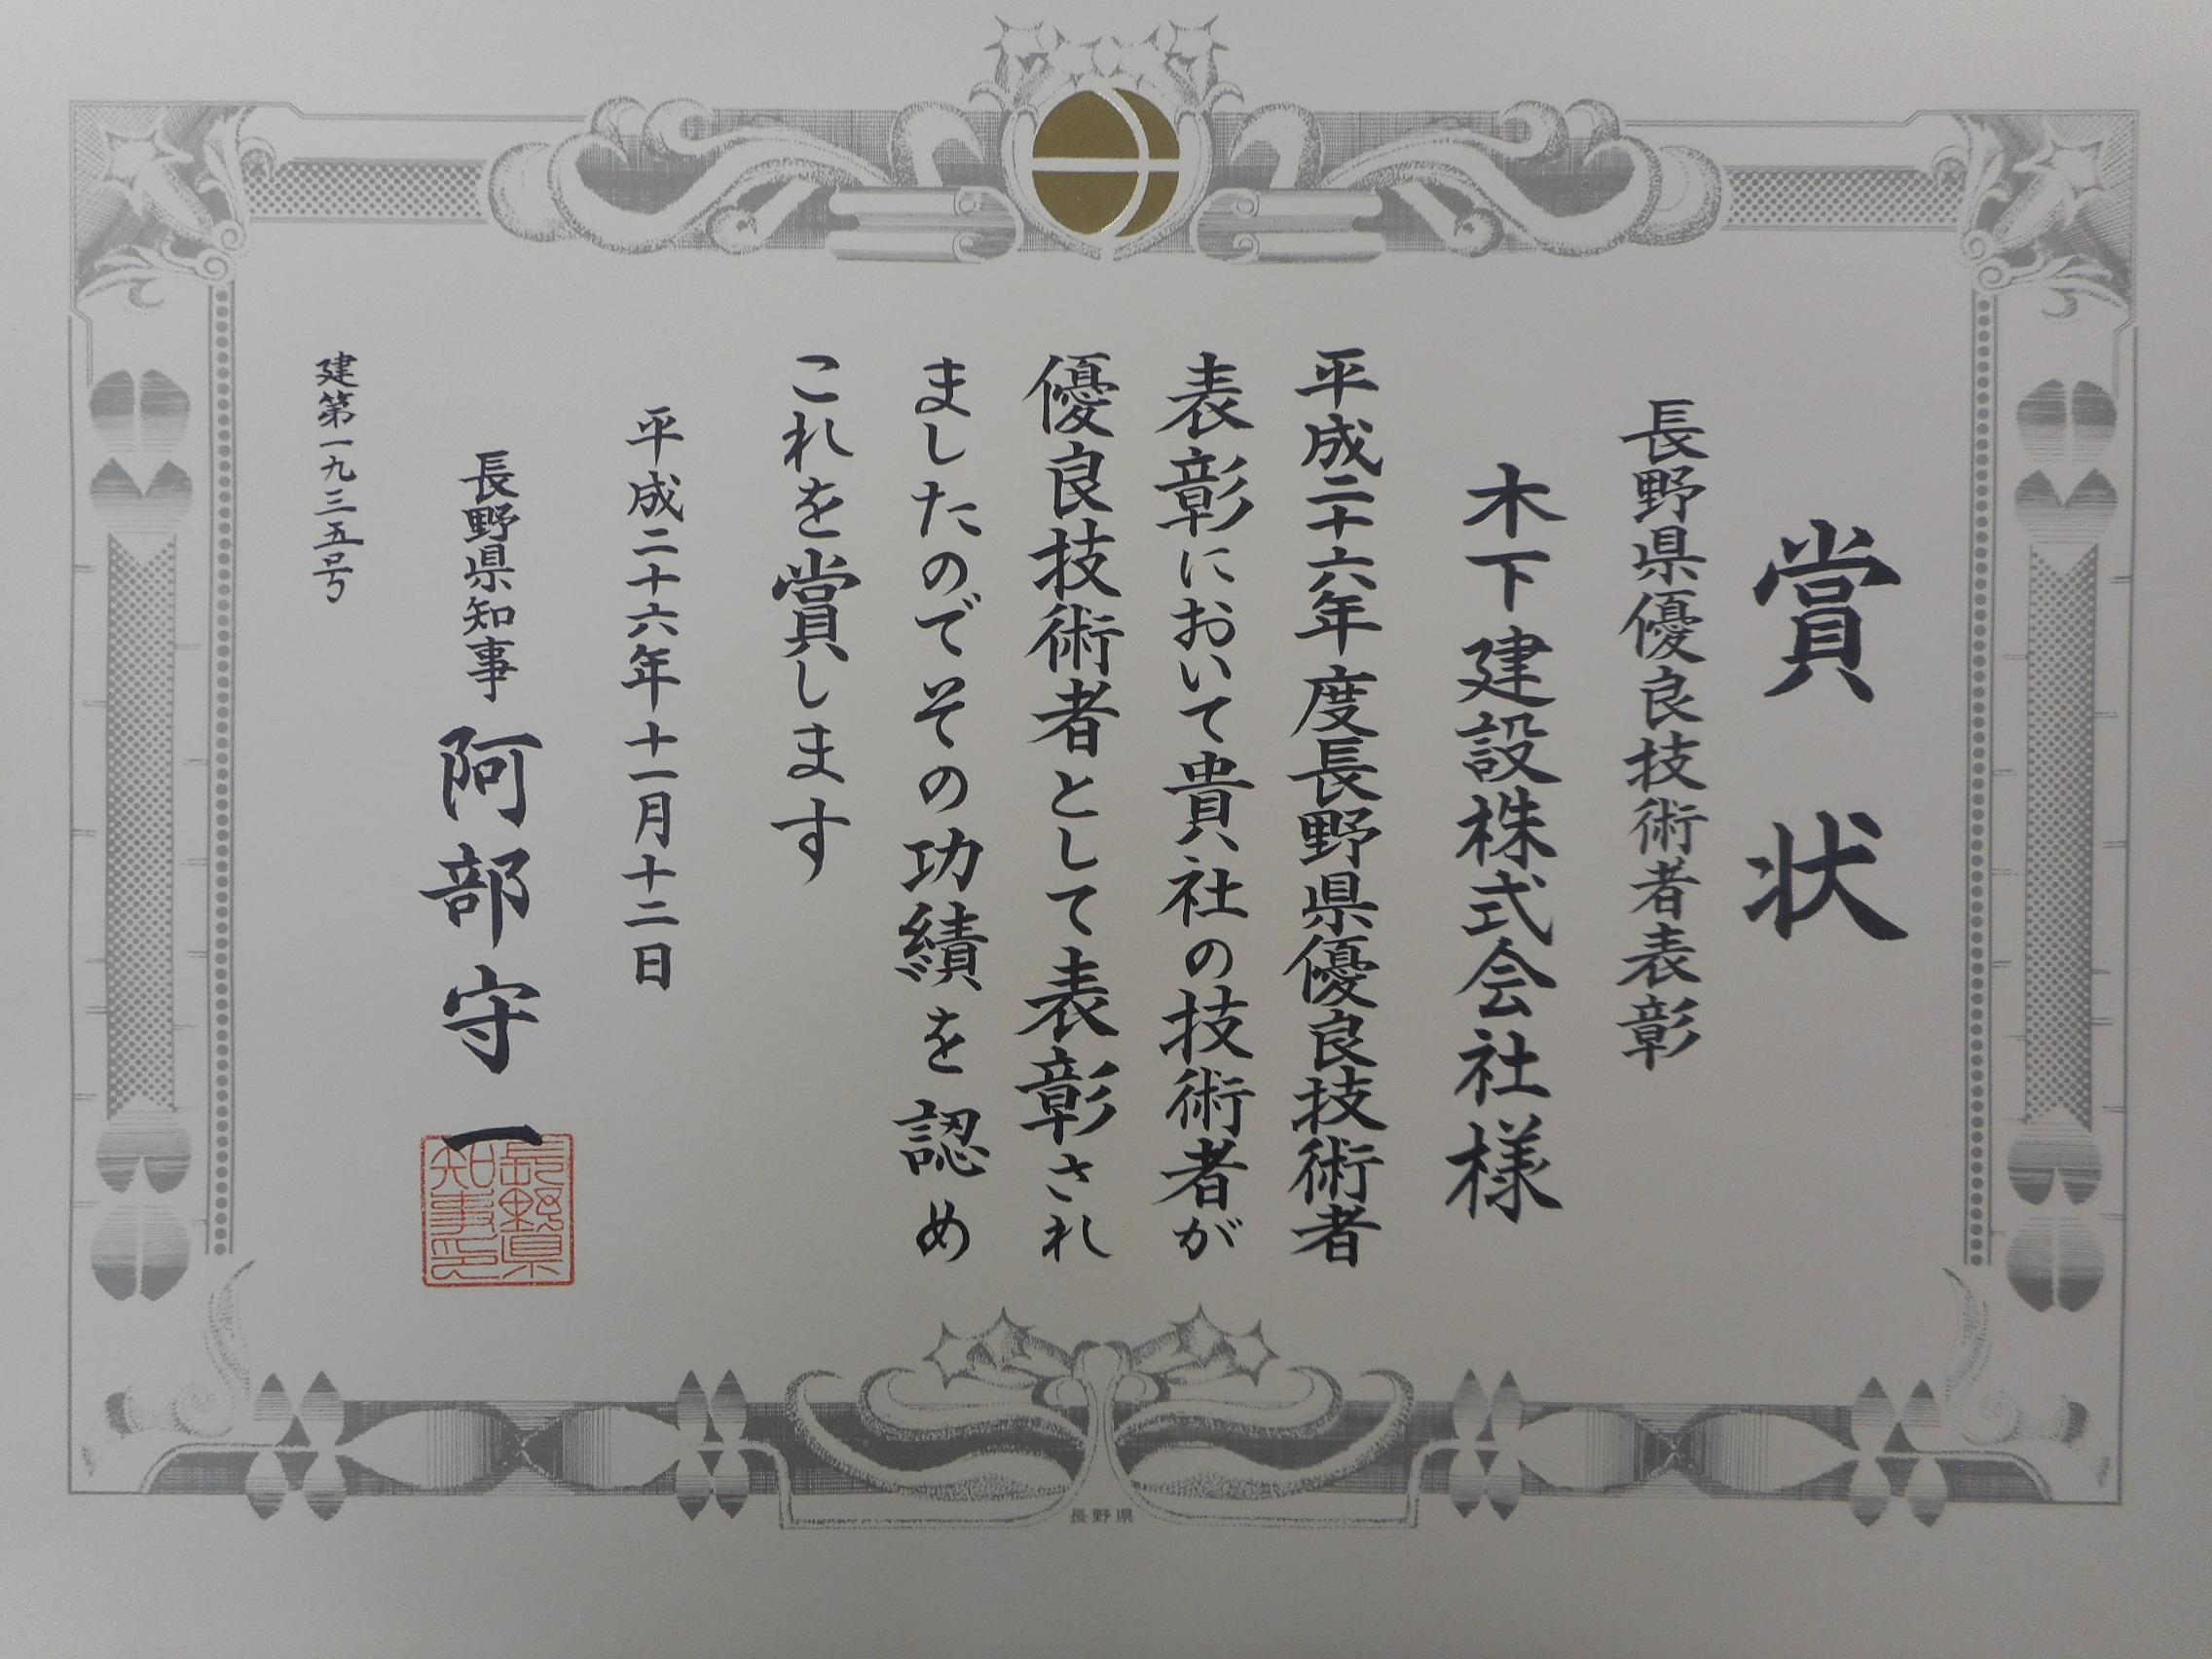 平成26年 県知事表彰『優良技術者』